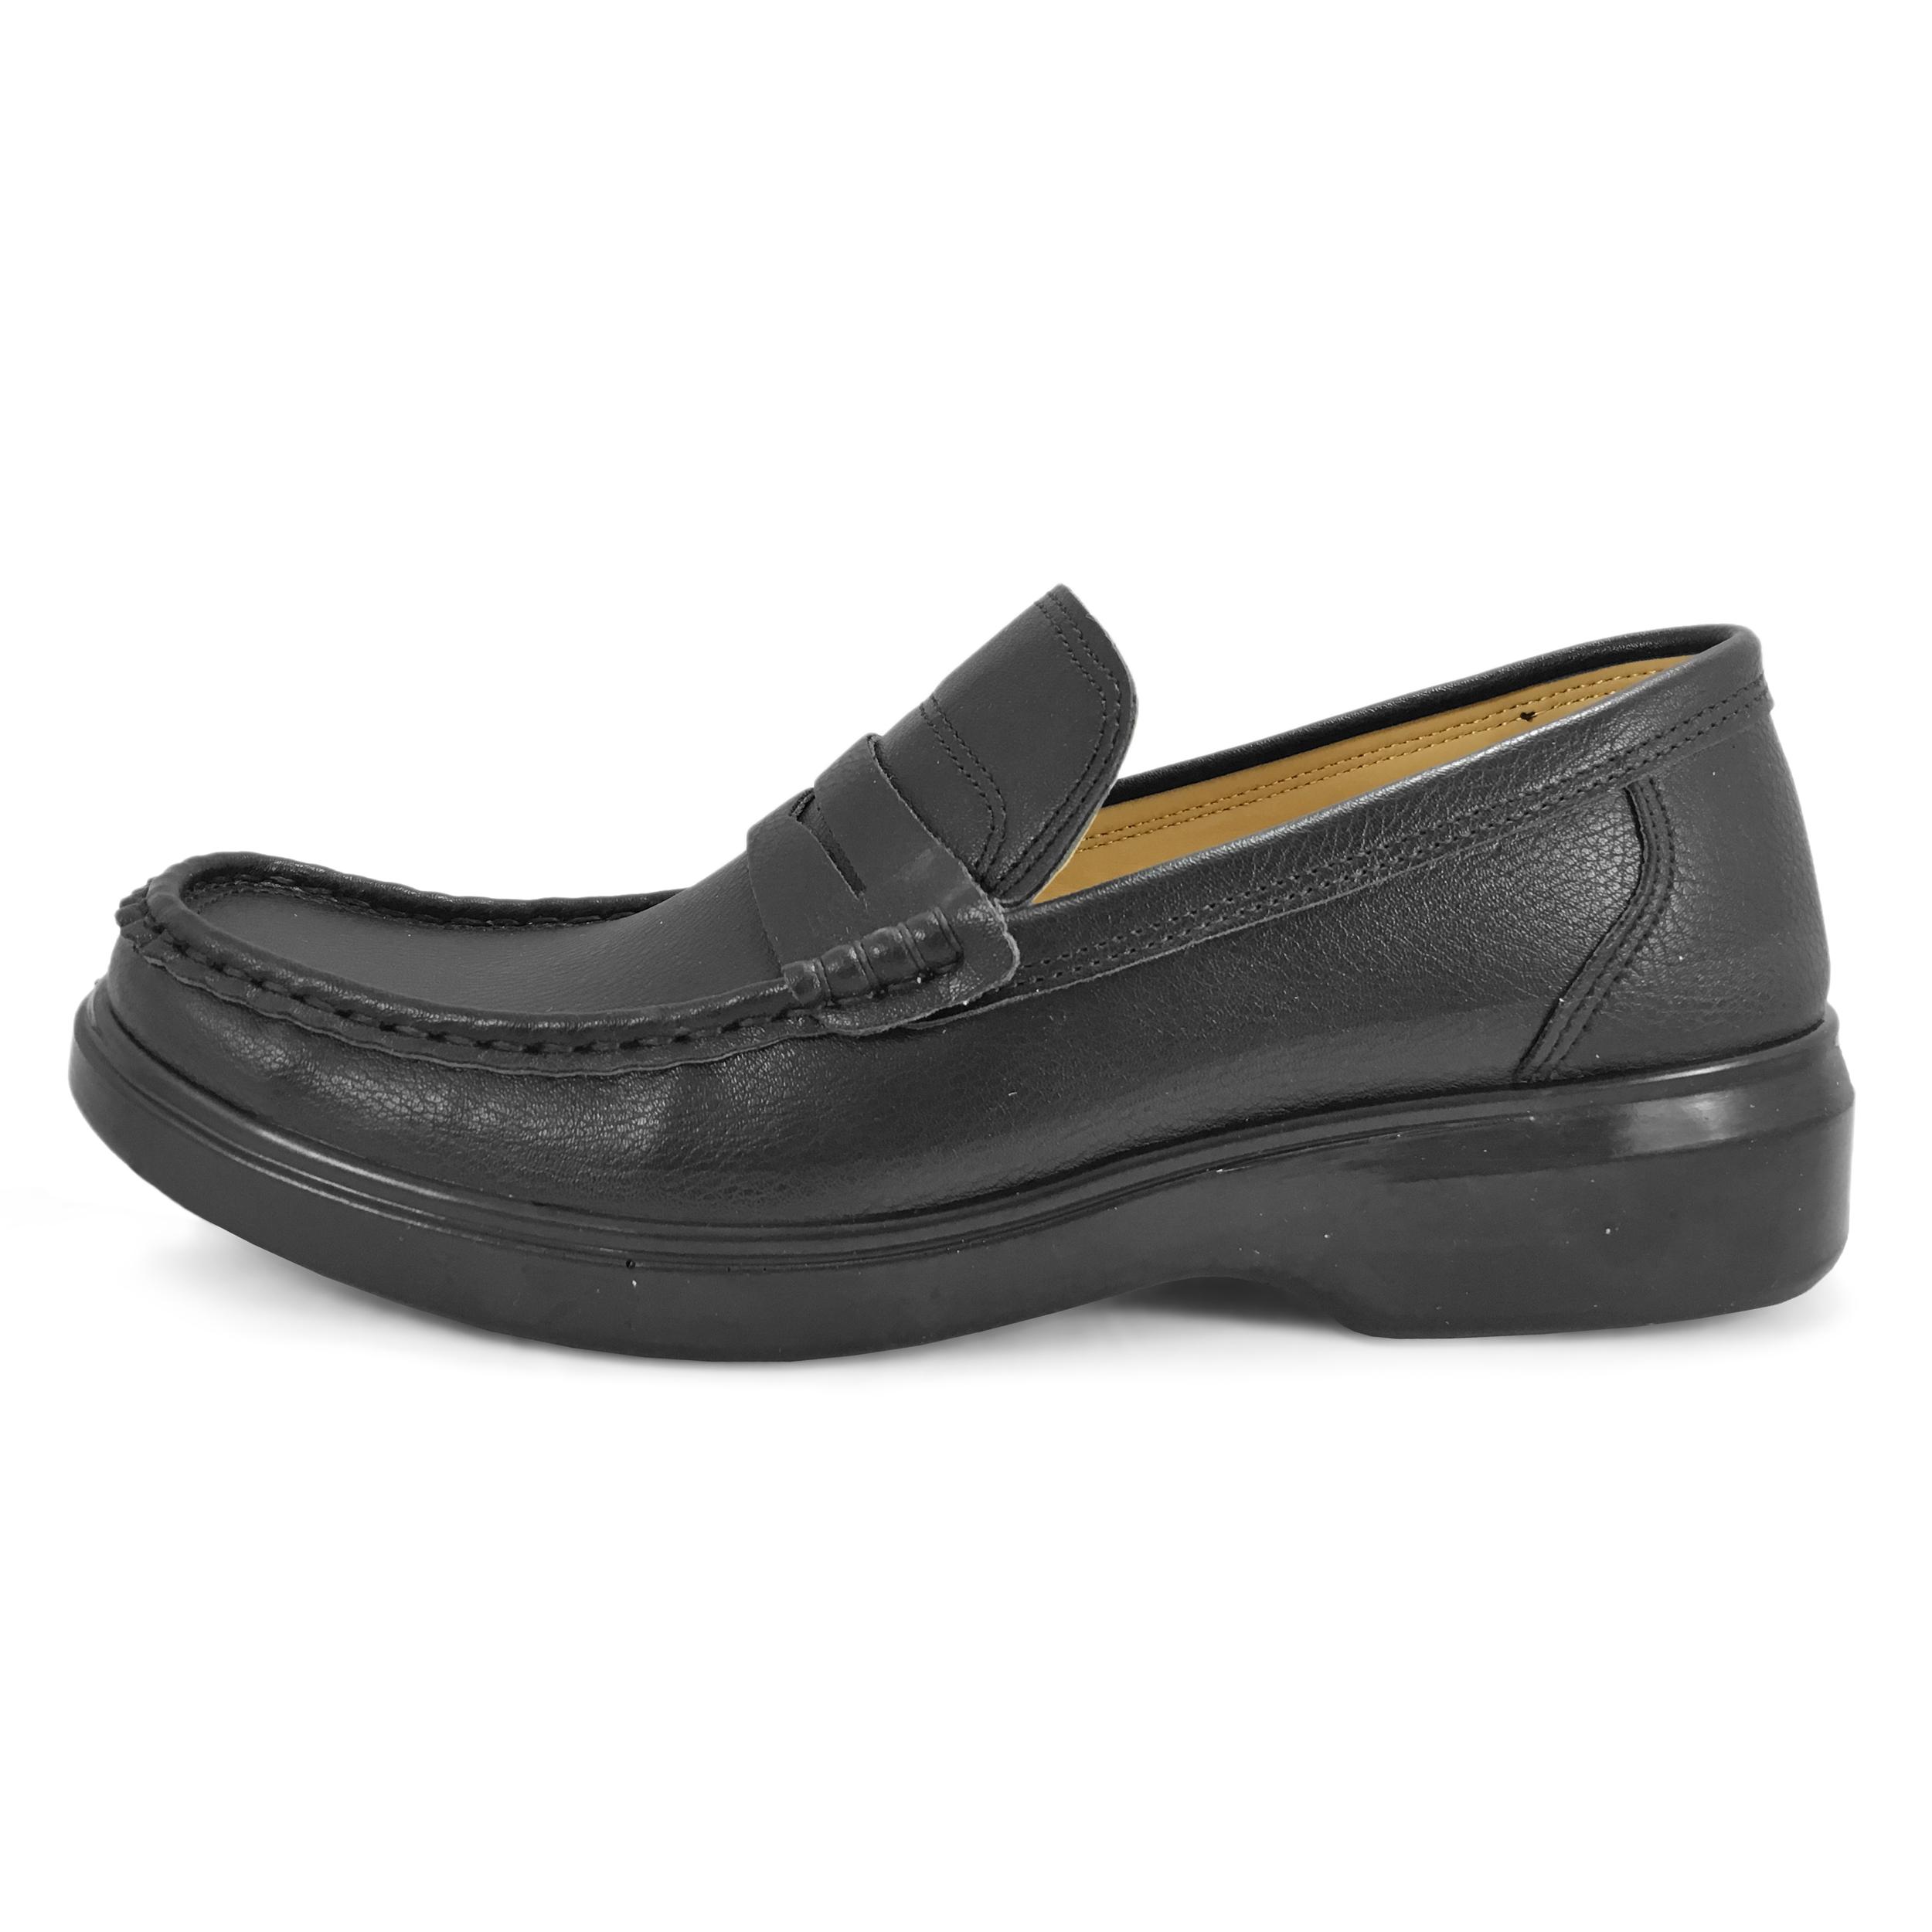 قیمت کفش مردانه شهپر مدل پارس کد 3368